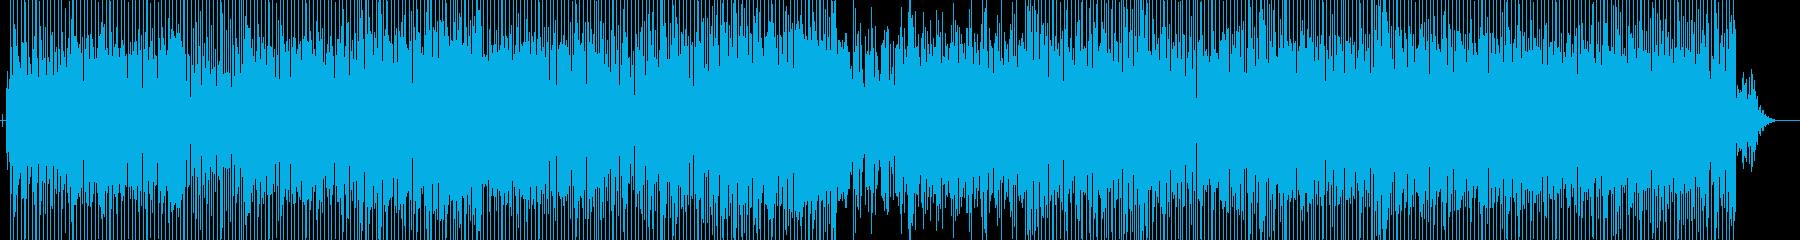 アップビートのジャズハウスダンスチ...の再生済みの波形